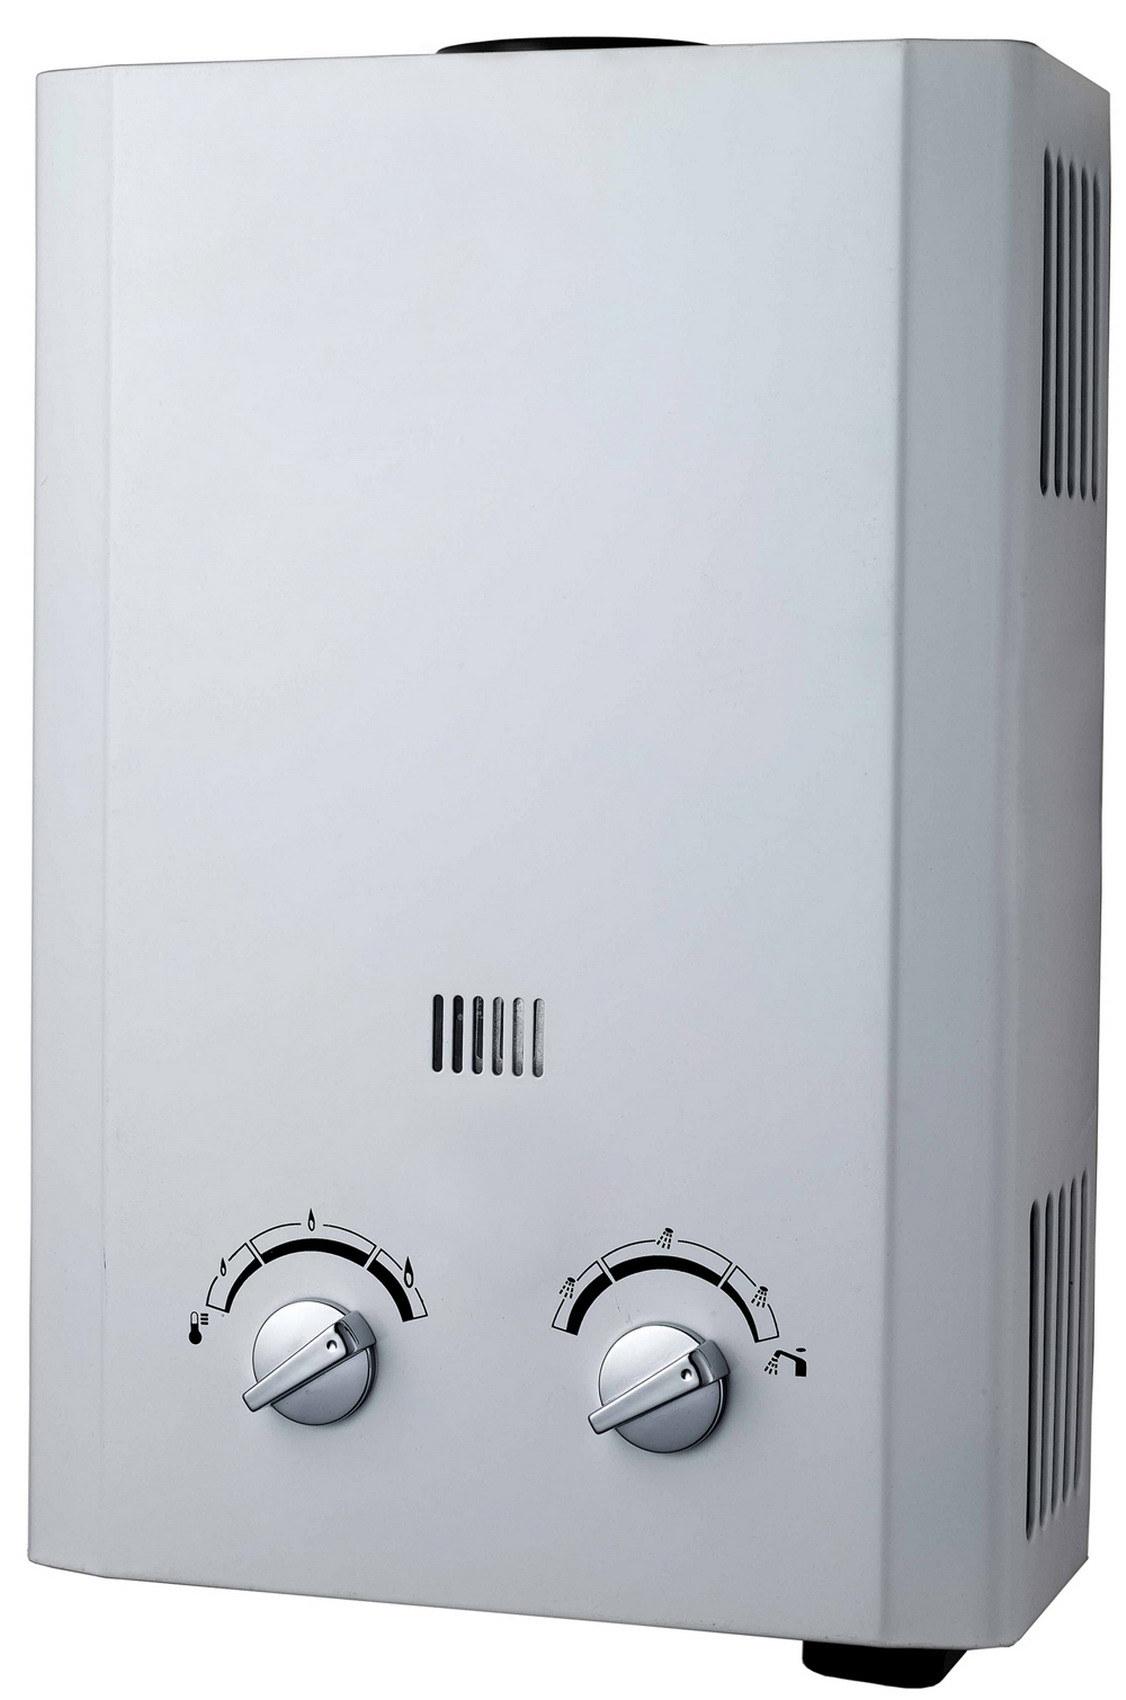 6-20litre Flue Instant Gas Water Heater Jsd12-40-Sh1